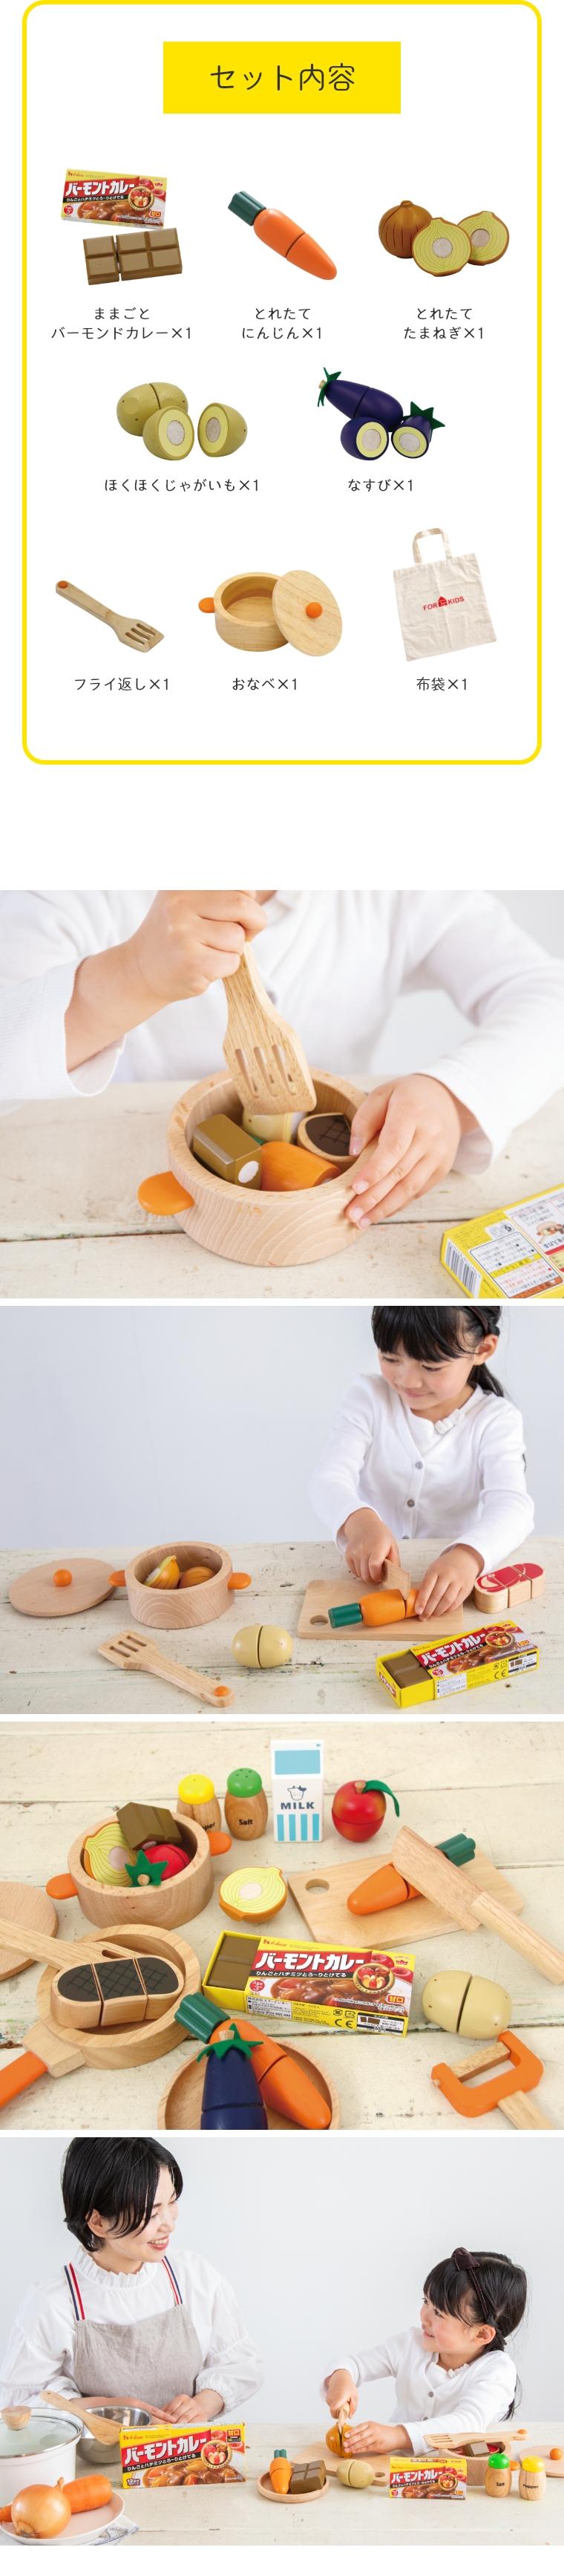 本物そっくり! バーモンドカレーで作る野菜カレーセット (プチマルシェ)